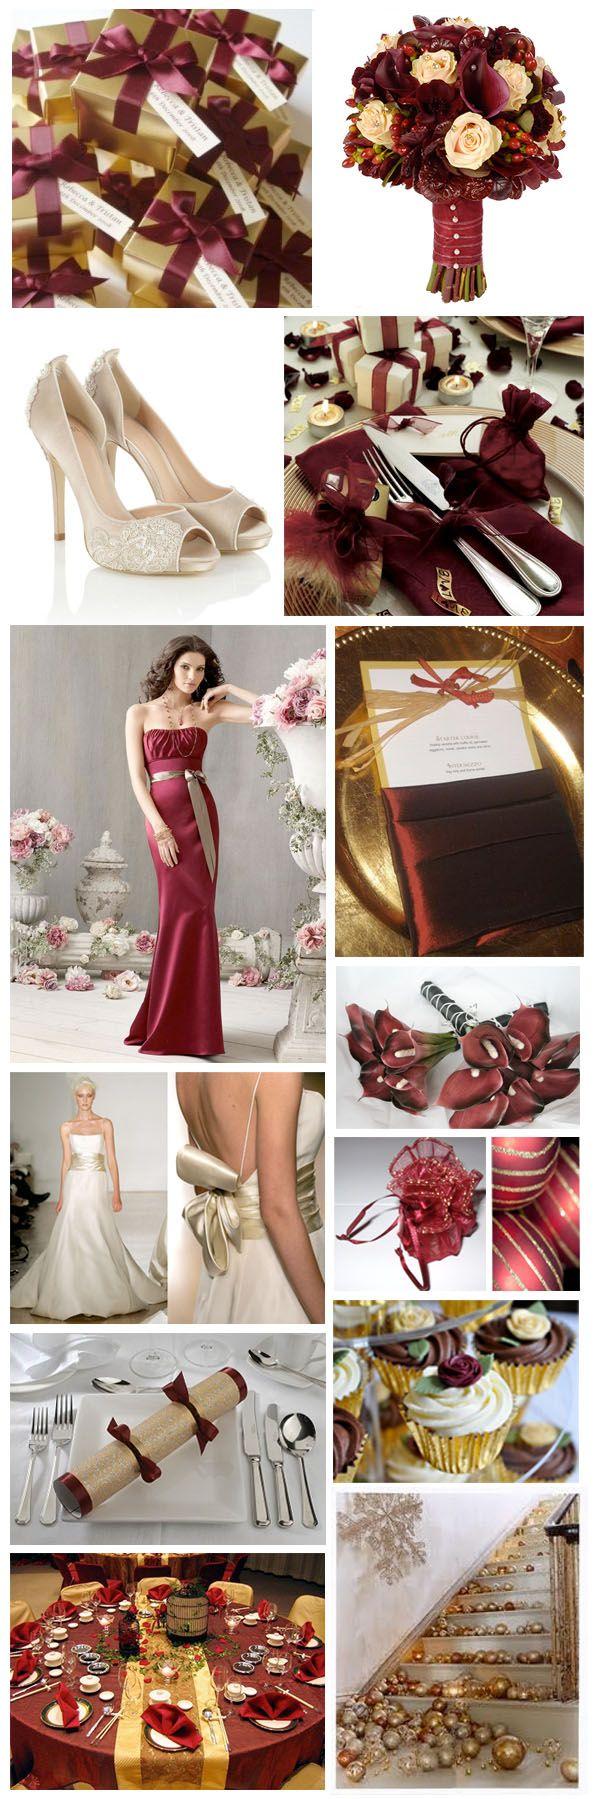 Fem Inspiratie voor jouw huwelijksdag. www.femweddingsho... www.facebook.com/... #trouwjurk #bruidsmode #huwelijk #bruiloft #trouwfoto #huwelijksfoto #huwelijksthema